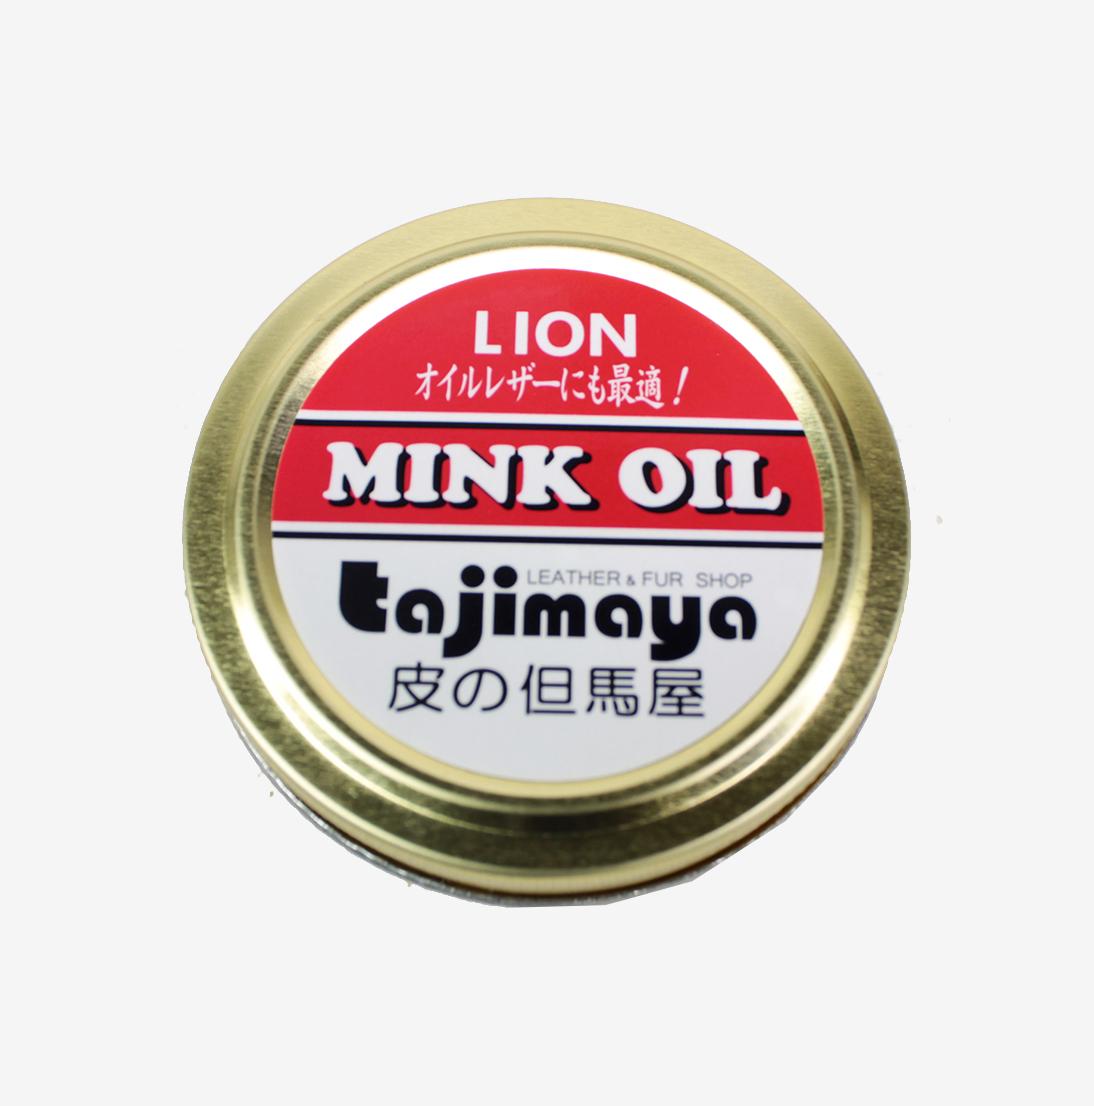 LION MINK OIL ミンクオイル レザー用お手入れ メンテナンス 50g